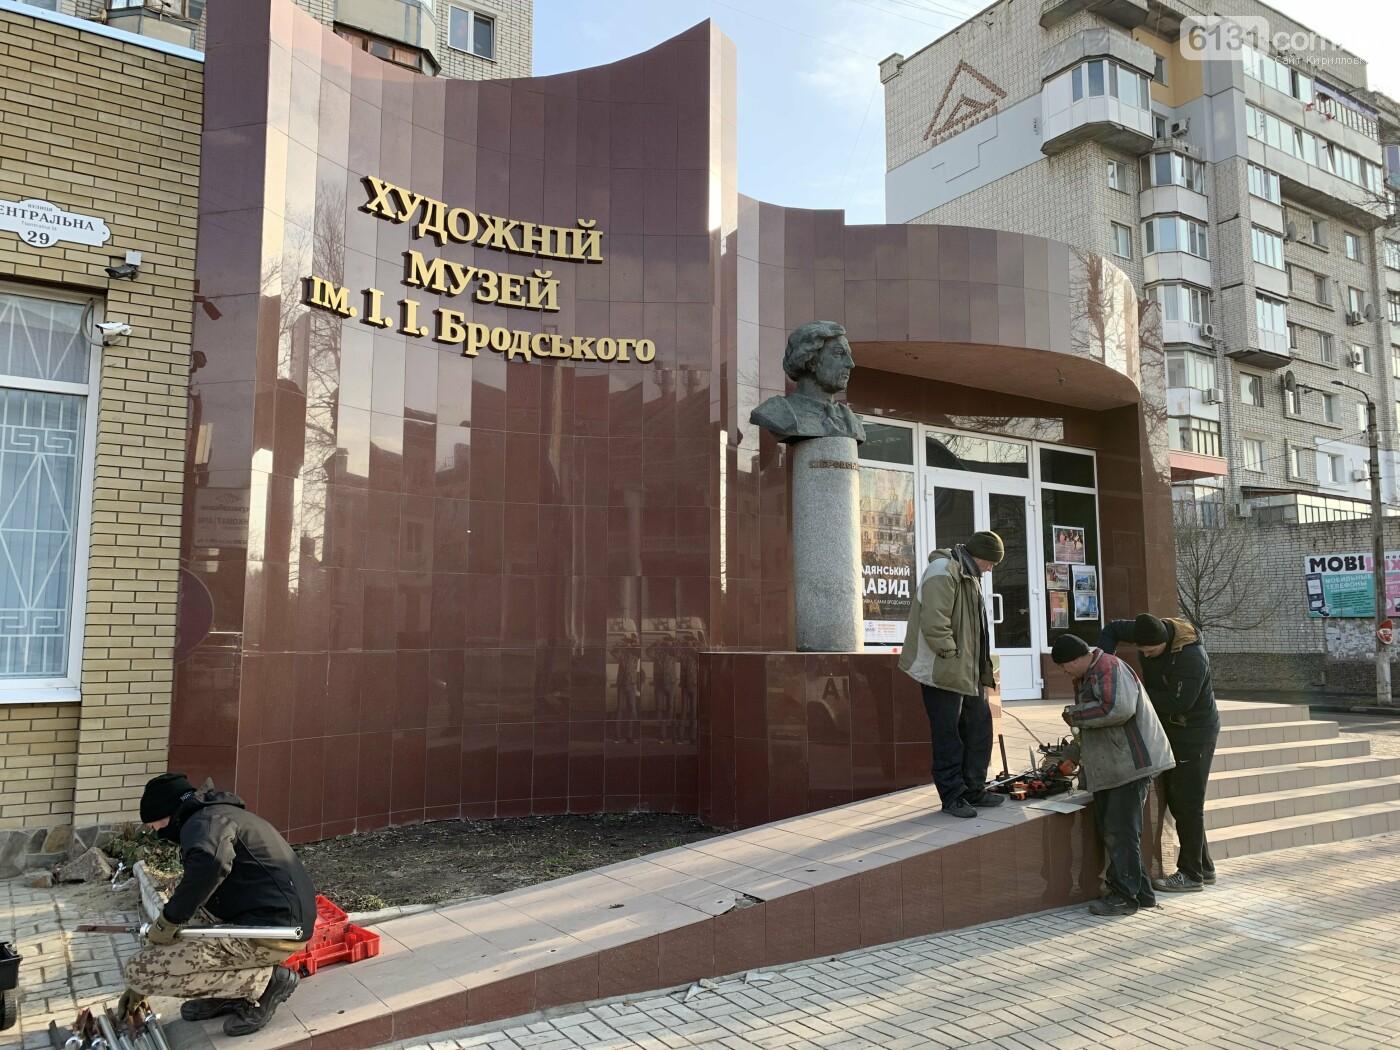 Реконструкция фасада музея им. Бродского завершена, фото-1